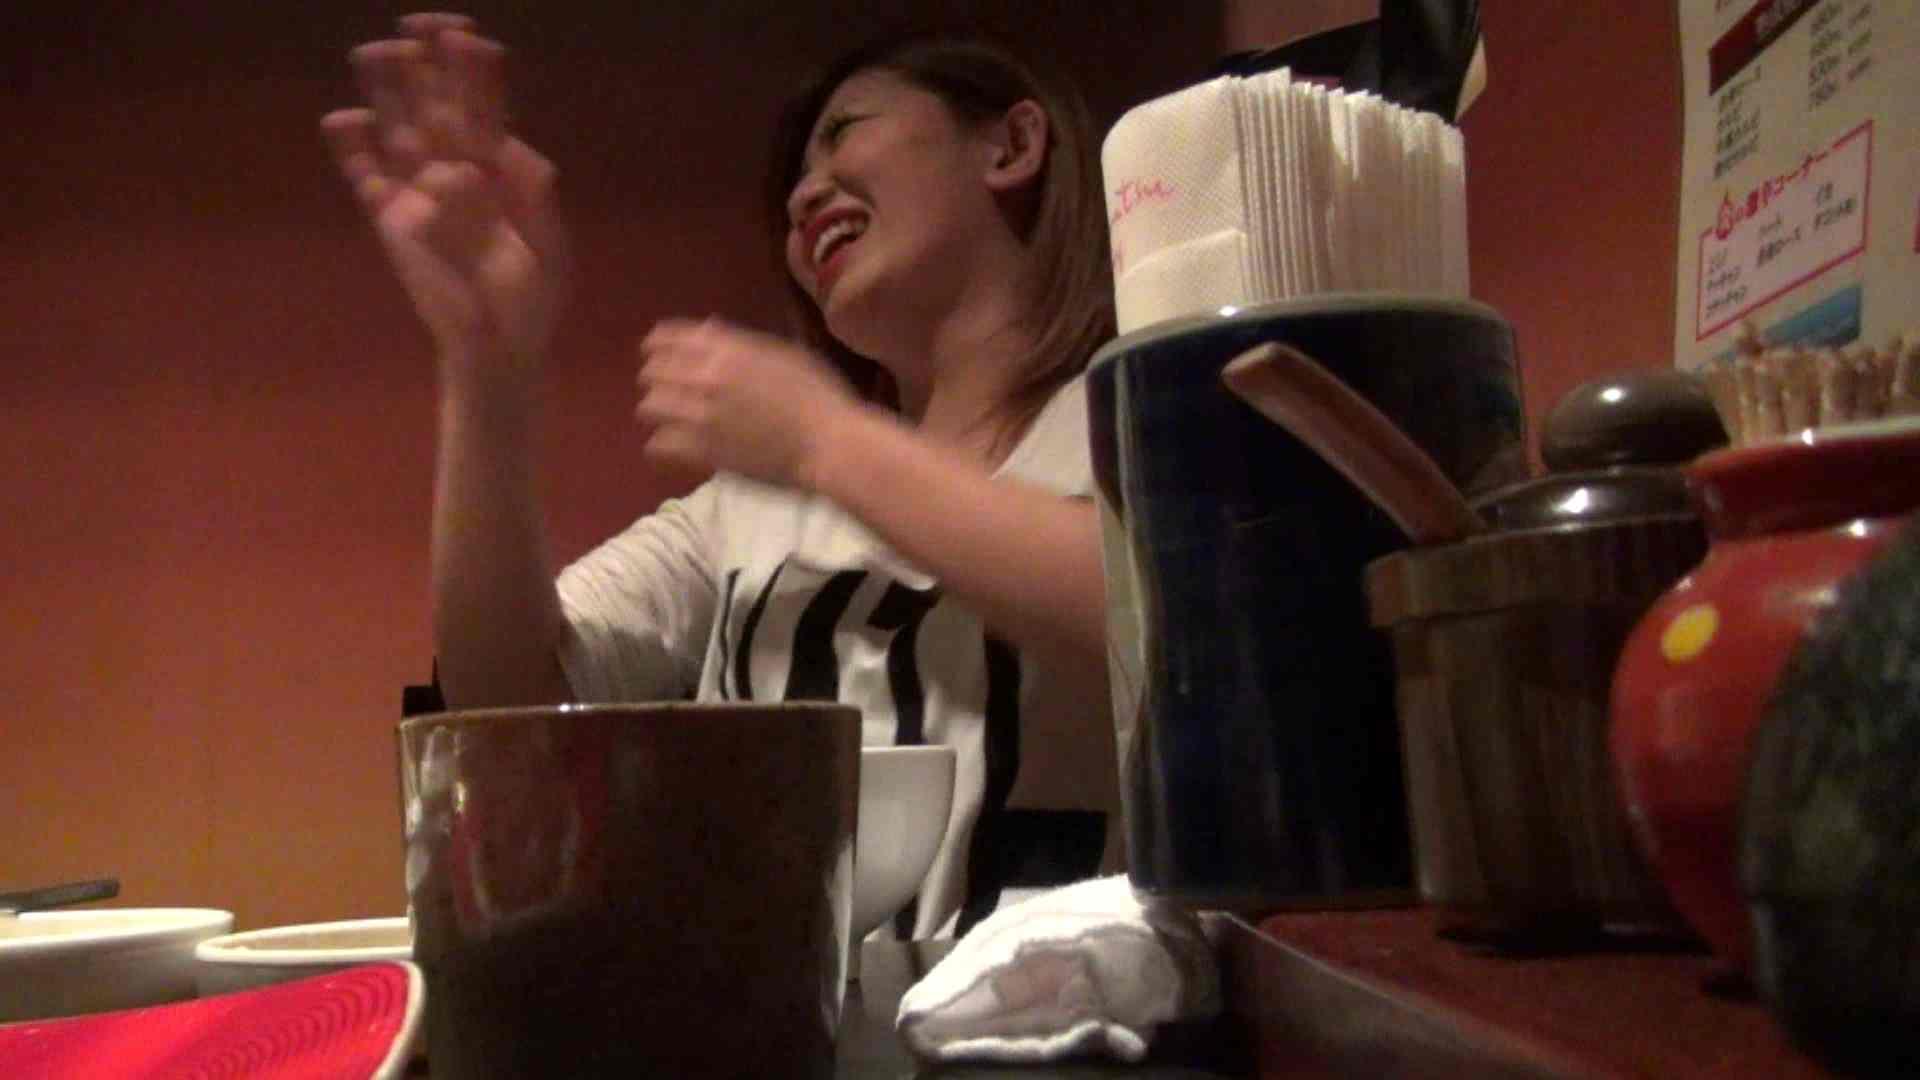 【出会い01】大助さんMちゃんと食事会 エッチすぎる友人  54連発 22